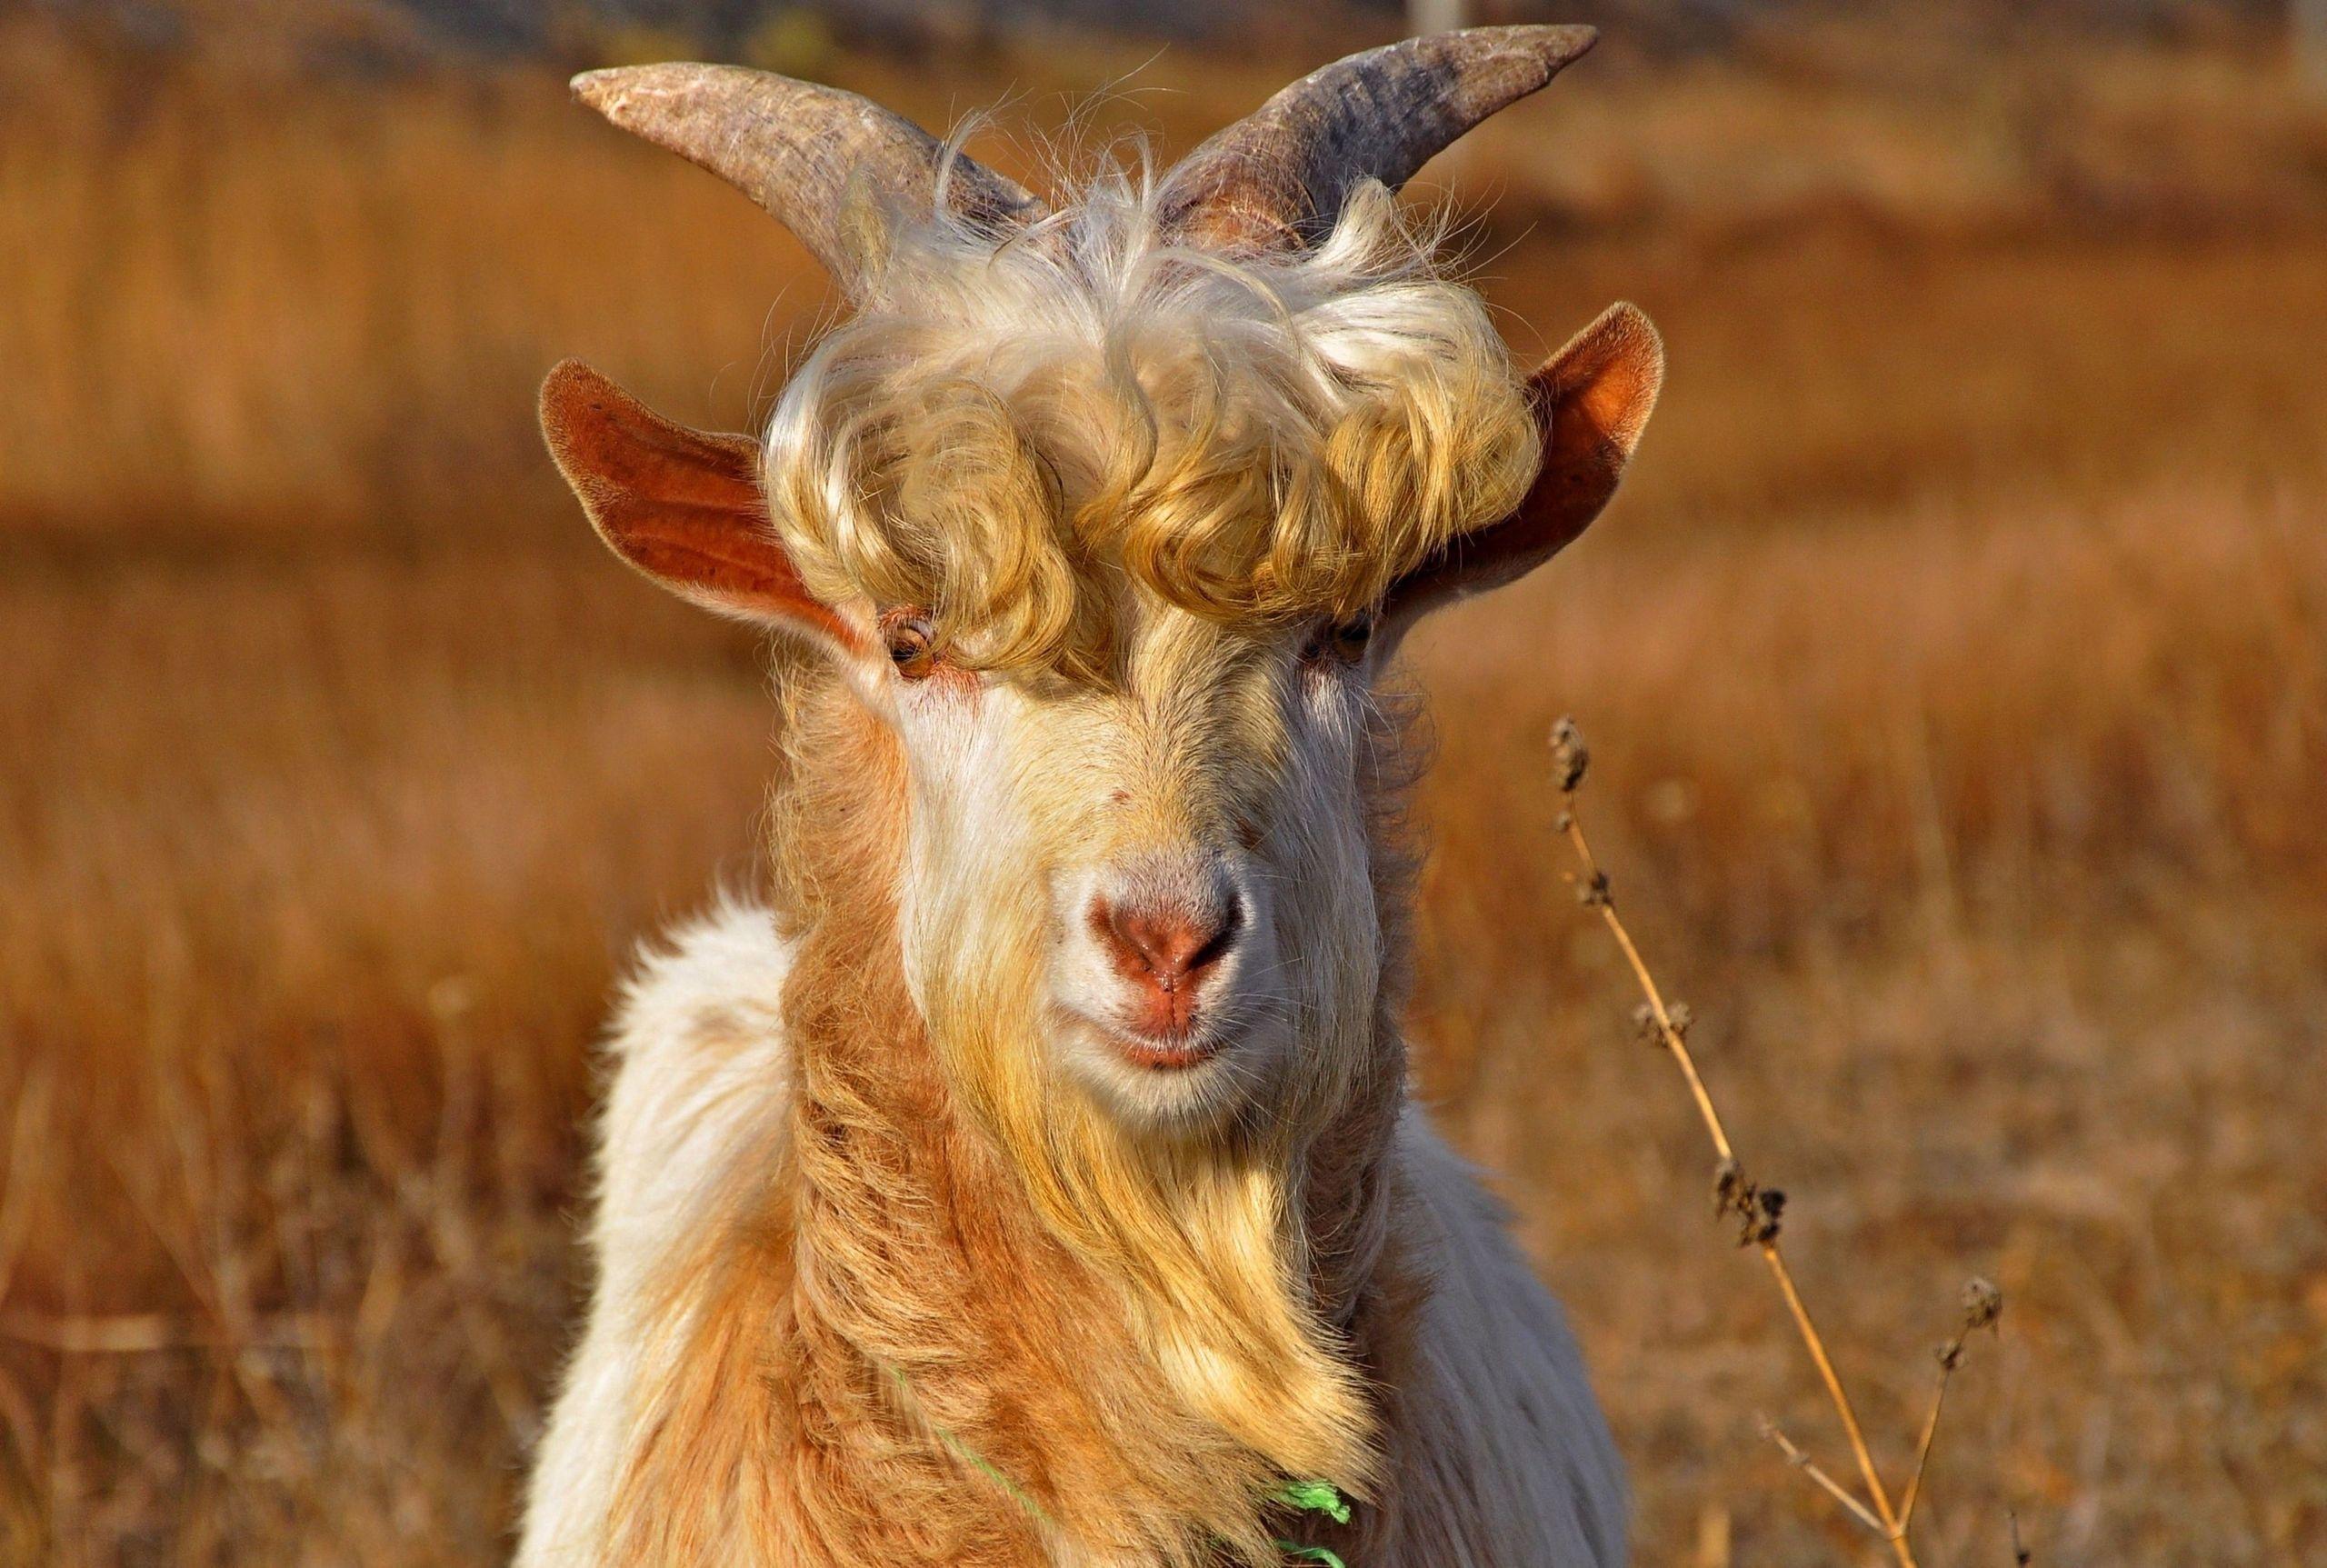 1881855 Goat Category High Resolution Wallpapers Widescreen Goat Goats Goat Horns Pet Birds